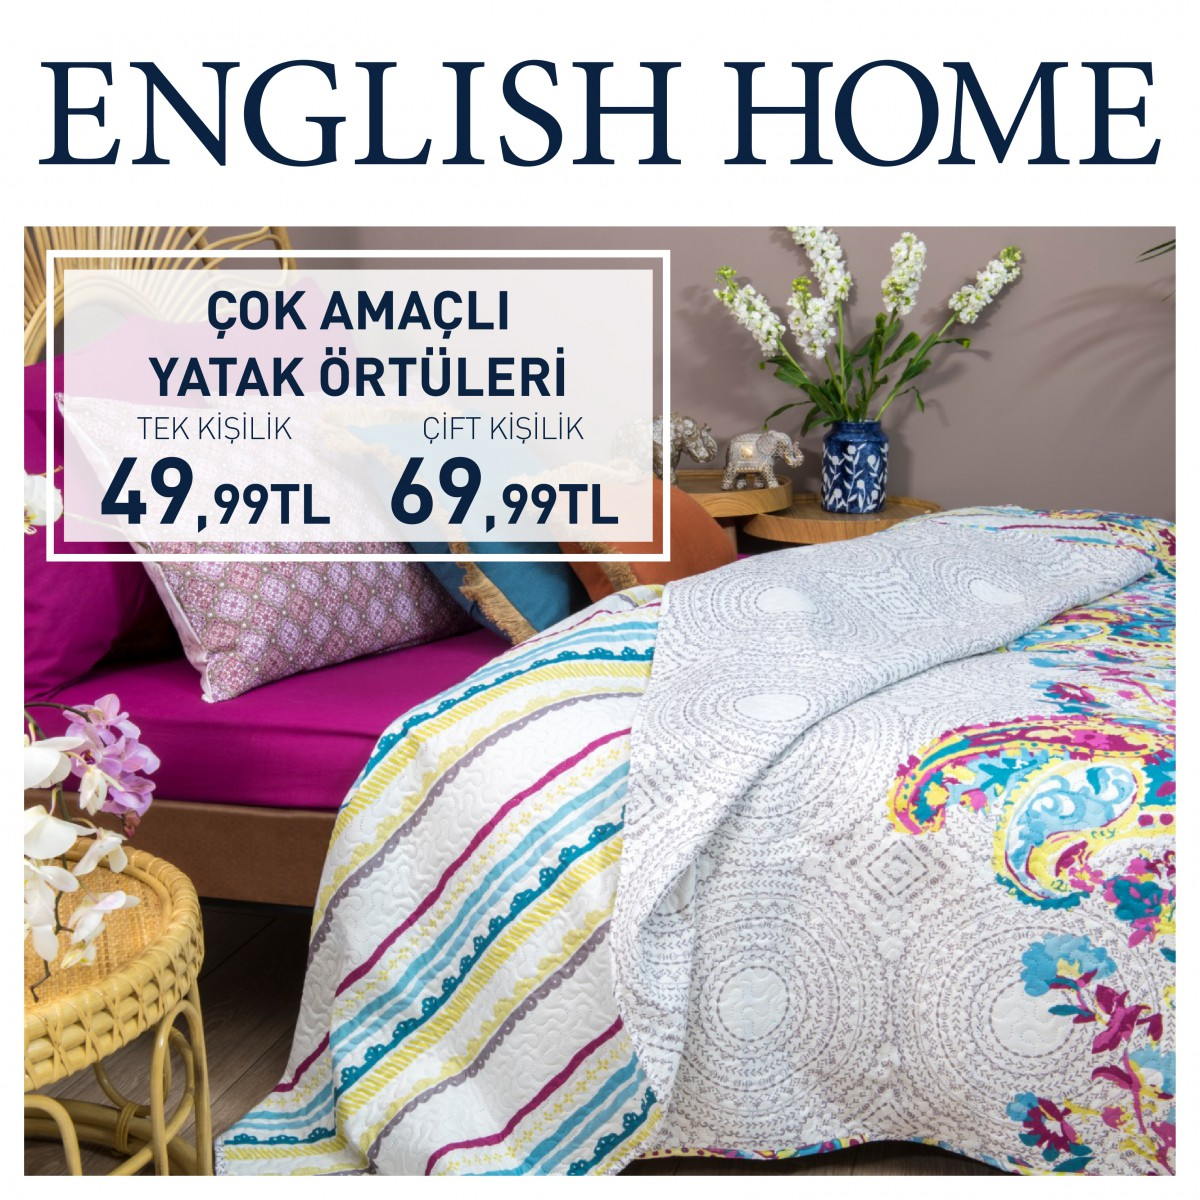 English Home'de çok amaçlı yatak örtülerindeki indirimler sizi bekliyor.